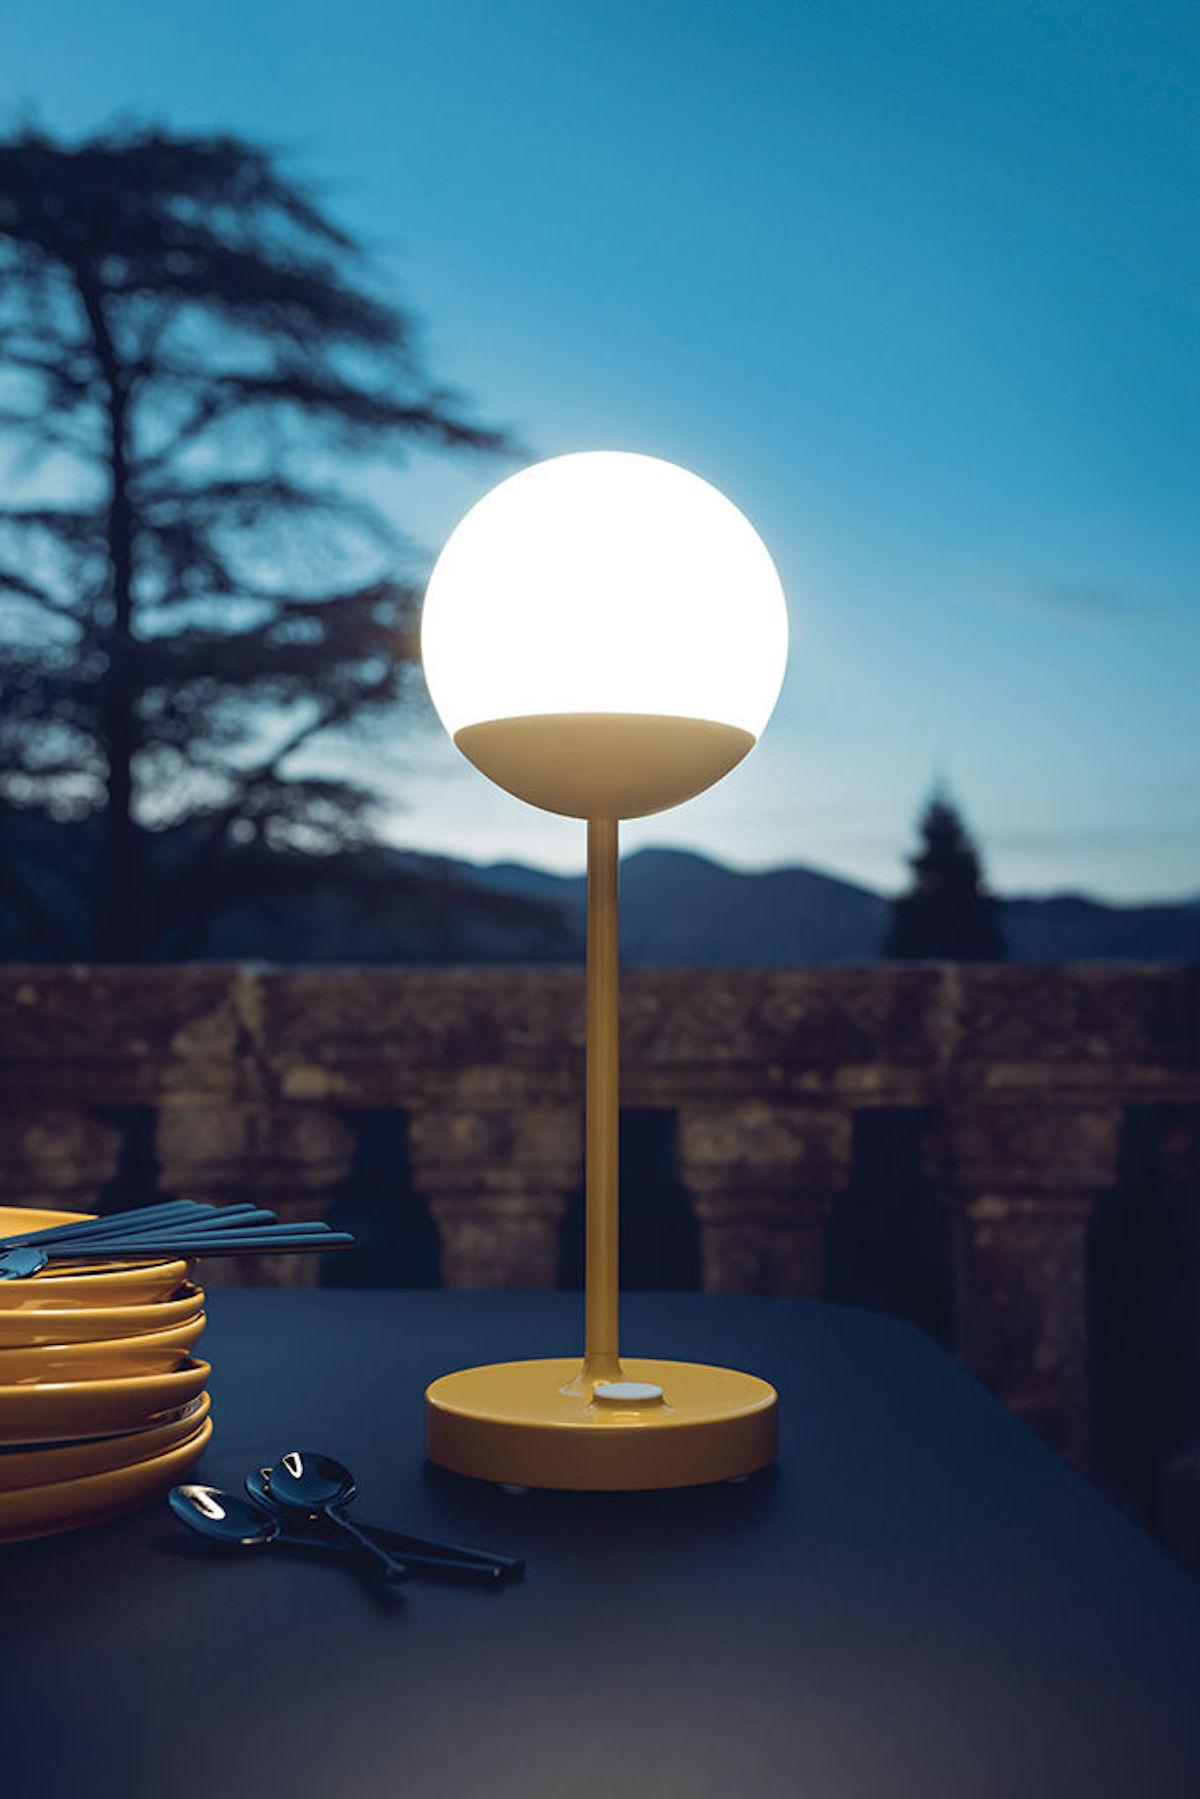 lampe sans fil mooon led miel balcon éclairage